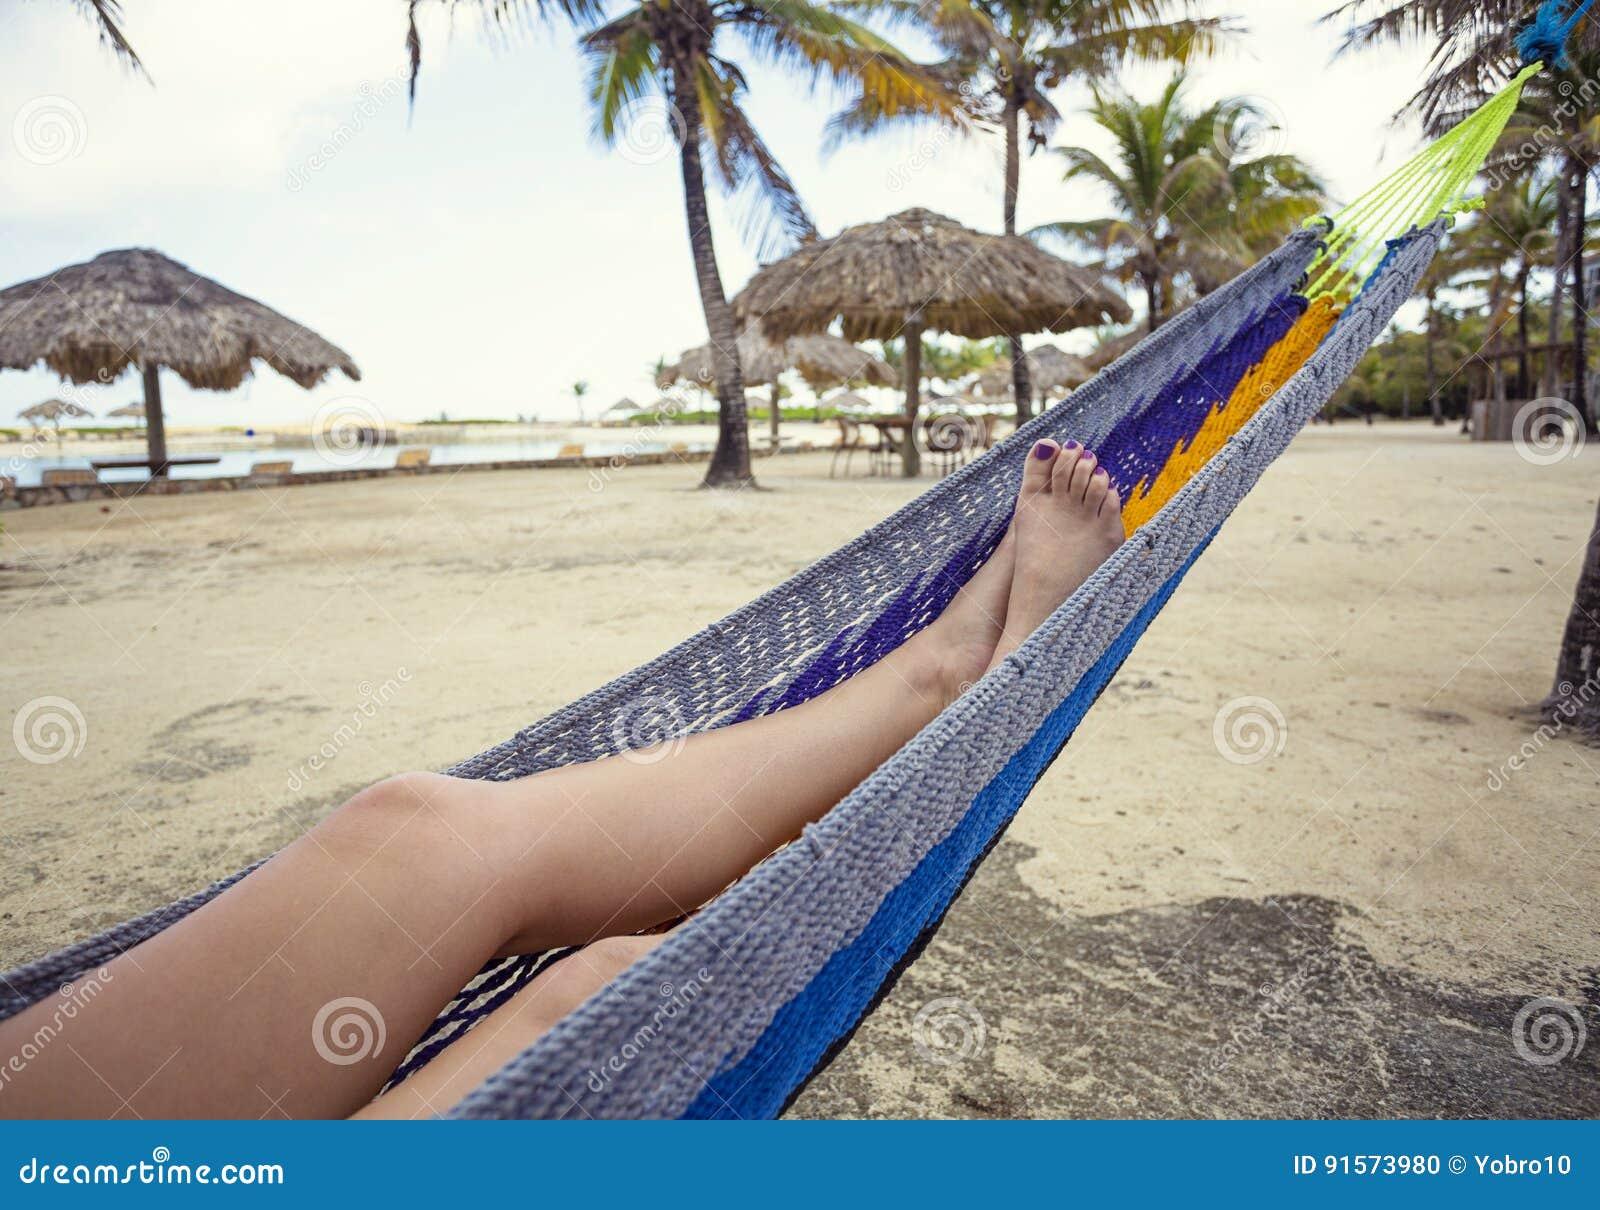 Hangmat Uit Mexico.Mooie Vrouwelijke Voeten En Benen Die In Een Hangmat Op Het Strand